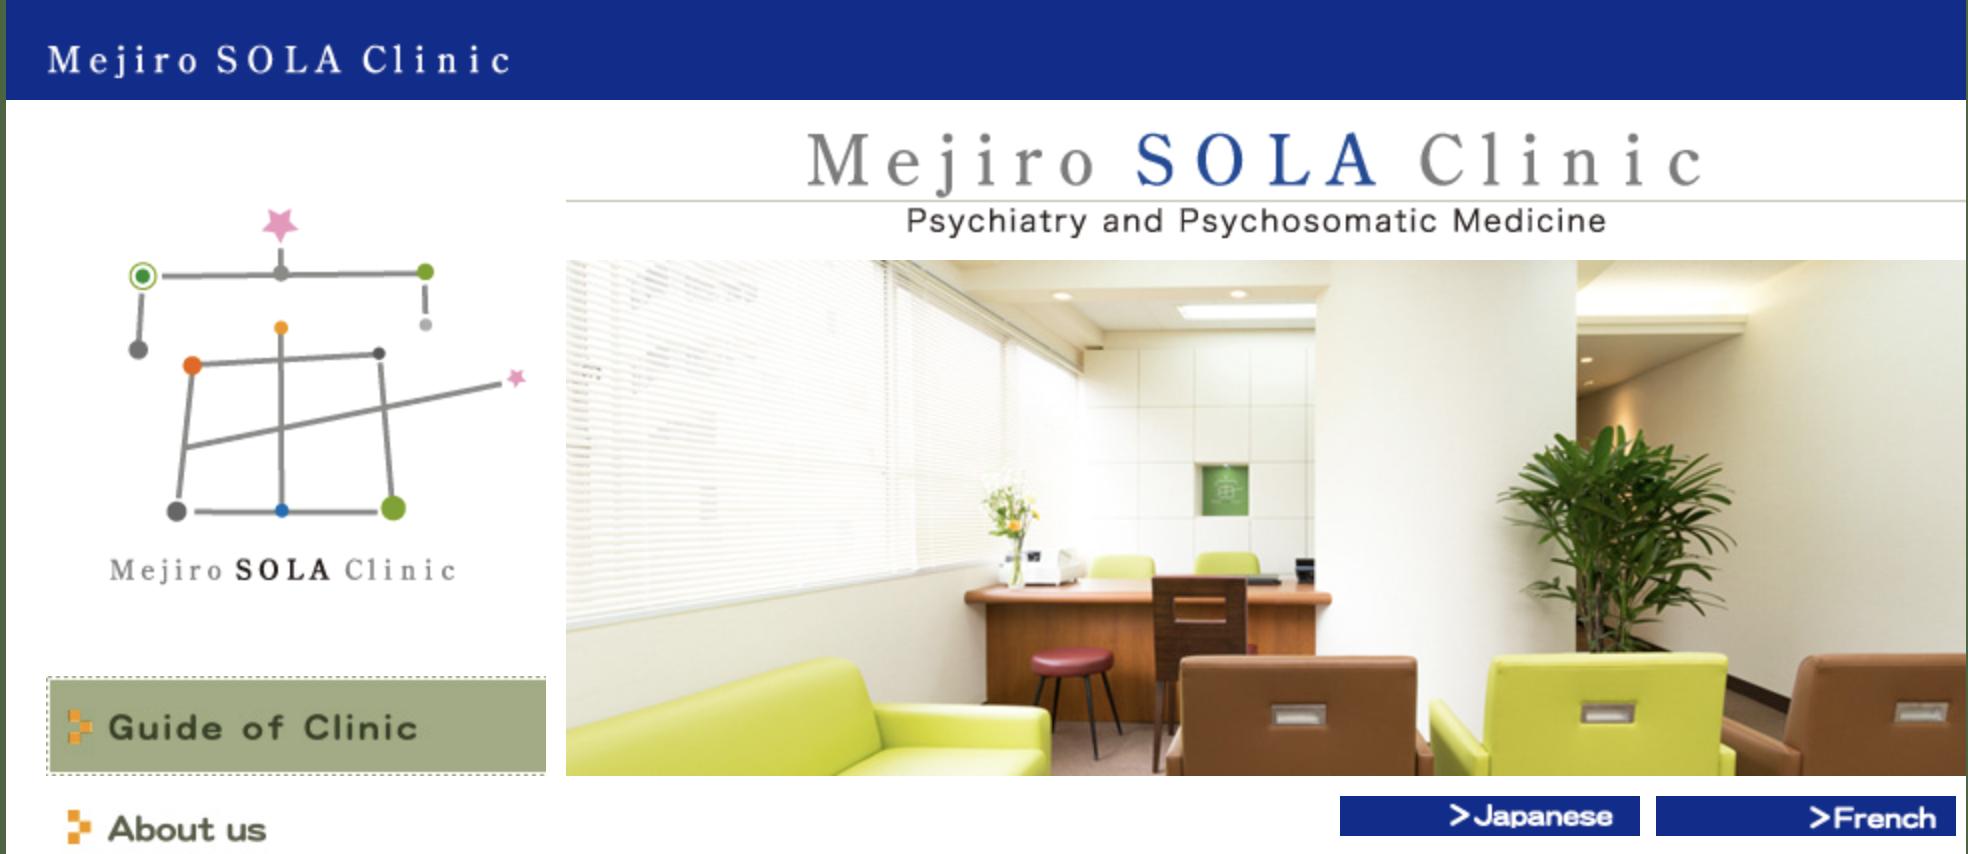 Mejiro SOLA Clinic